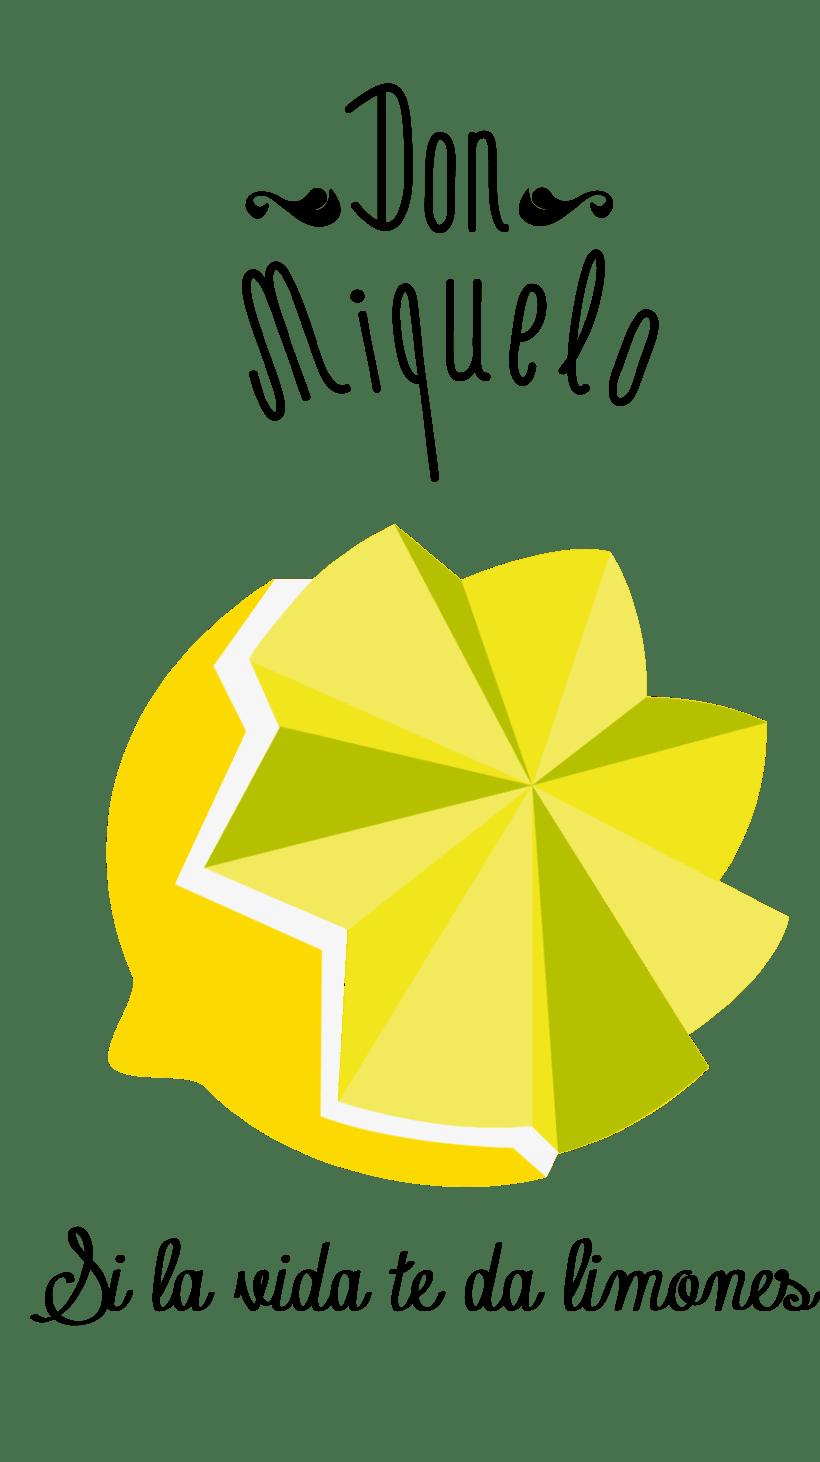 BRANDING - Don Miquelo 0